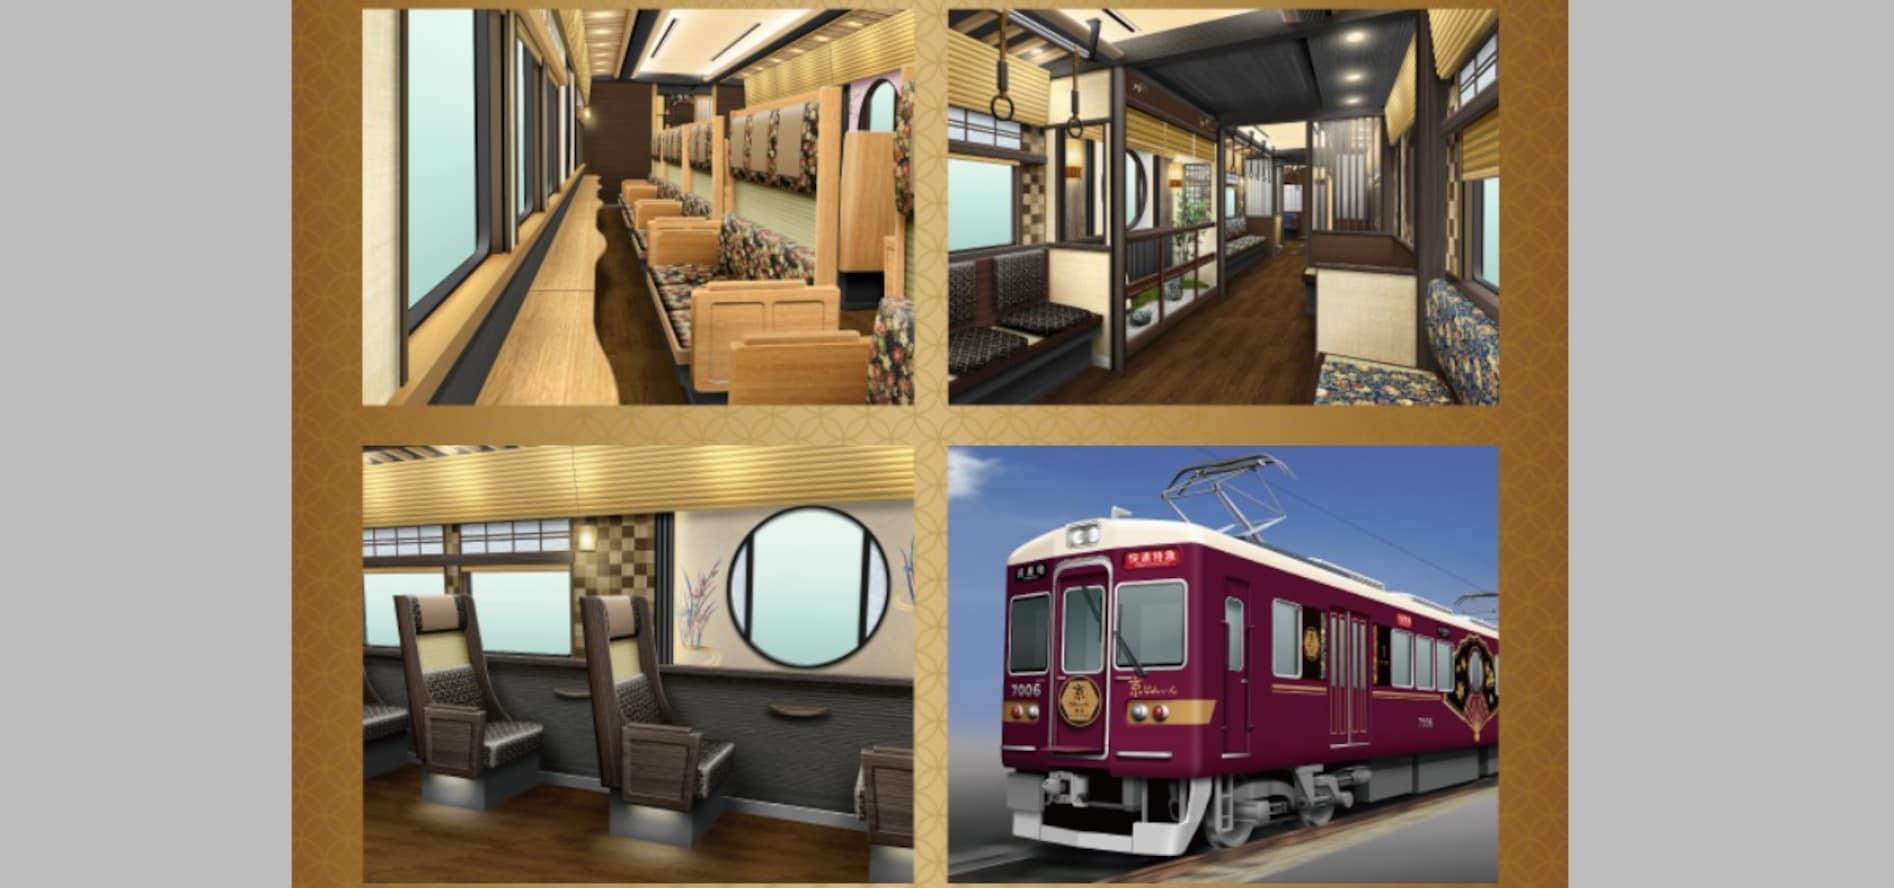 阪急に「追加料金不要」の新型観光特急が登場。関西の鉄道はなぜ「太っ腹」なのか?